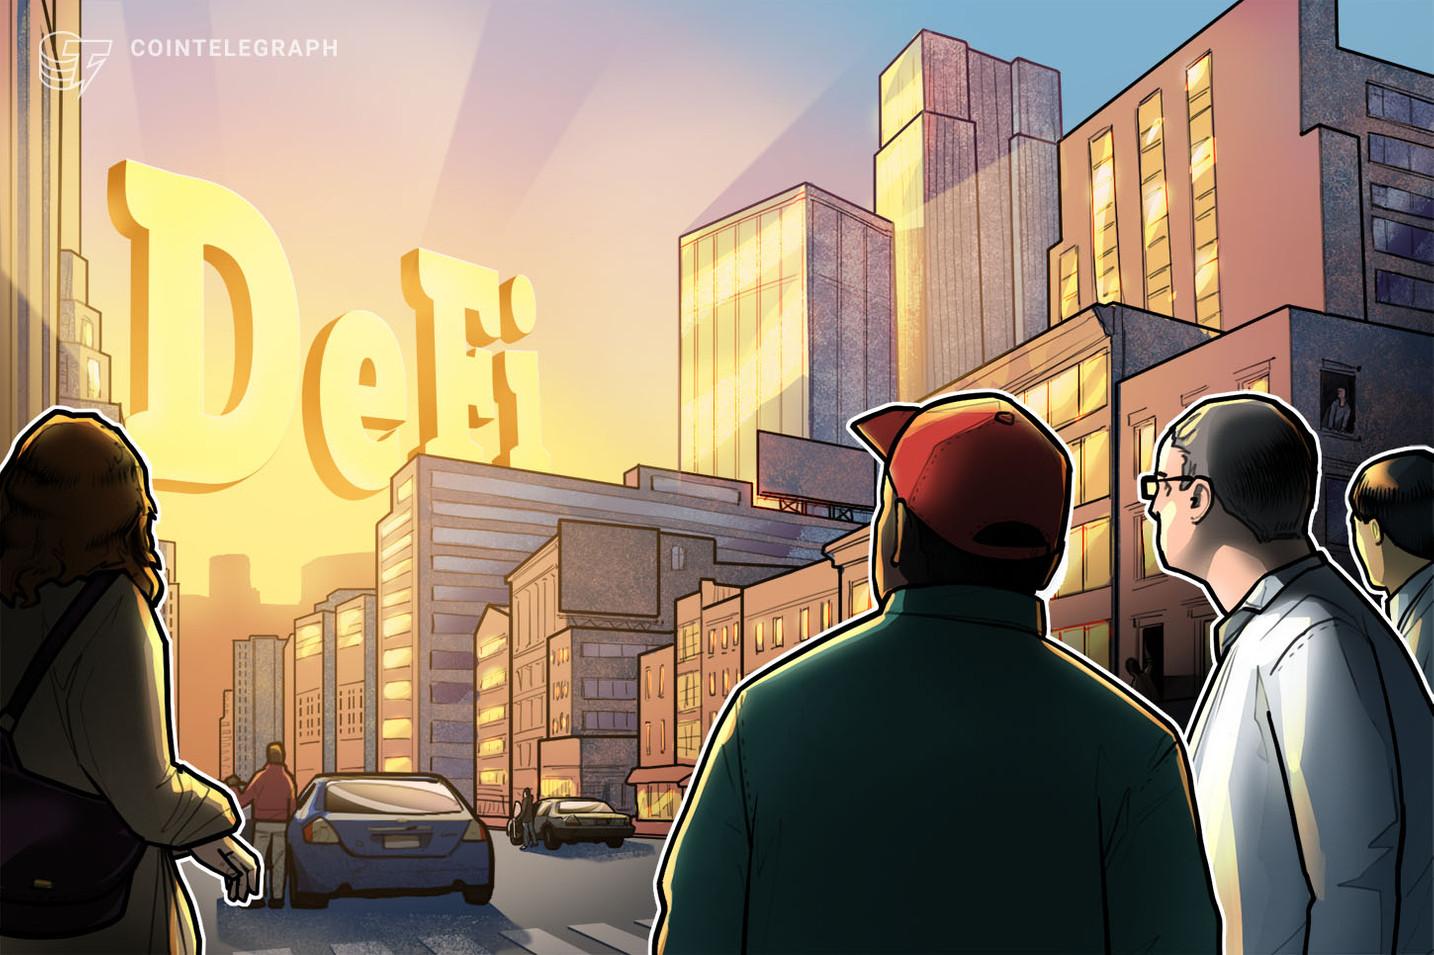 """Exponen el nuevo """"cypher capitalismo"""" en DeFi en última jornada de Blockchain Summit Latam"""